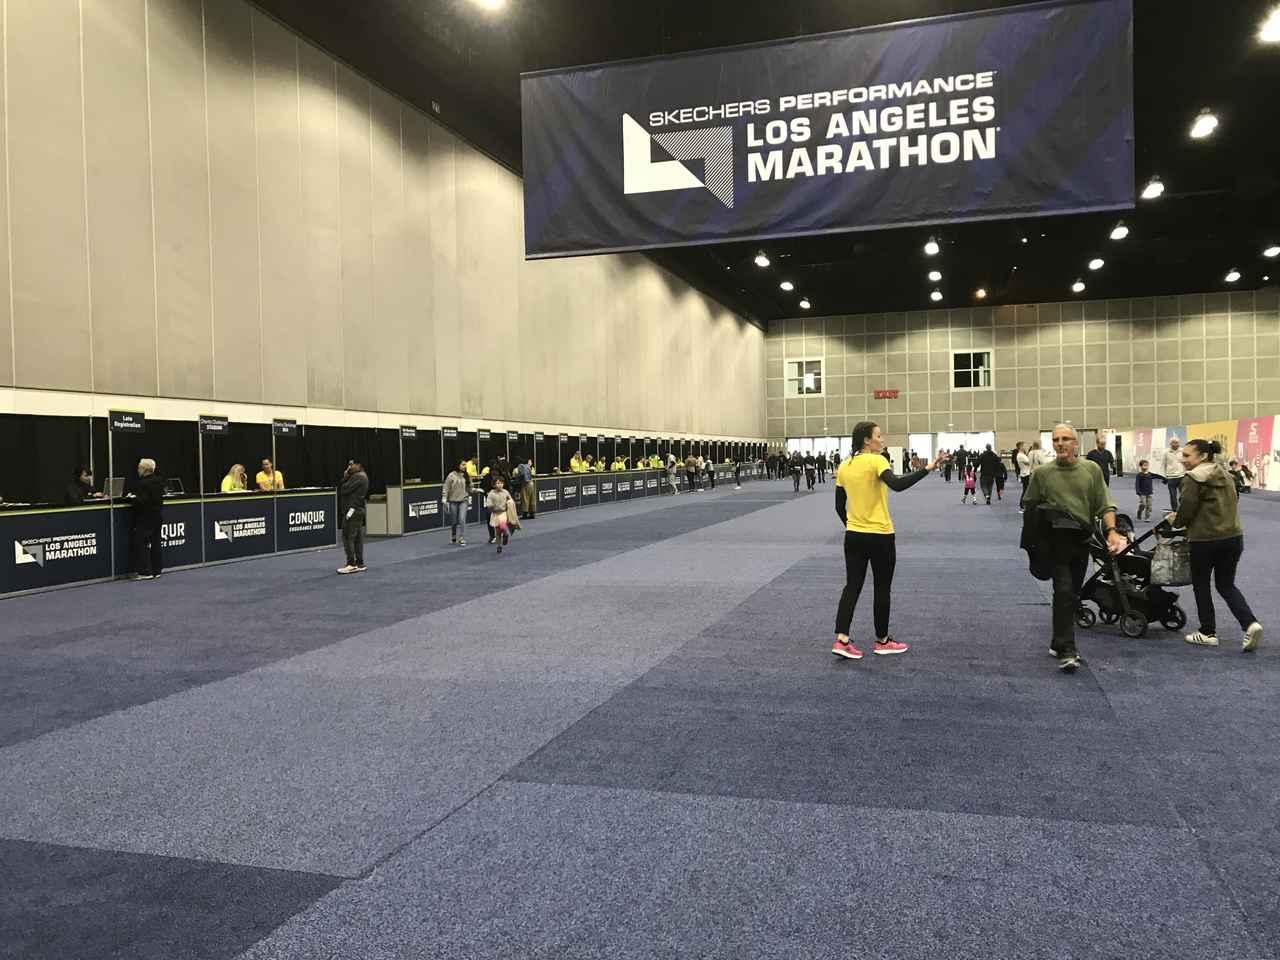 画像3: 【地球を走ろう】スタートはドジャースタジアム。LAを駆け巡る観光コース ロサンゼルスマラソン大会レポート